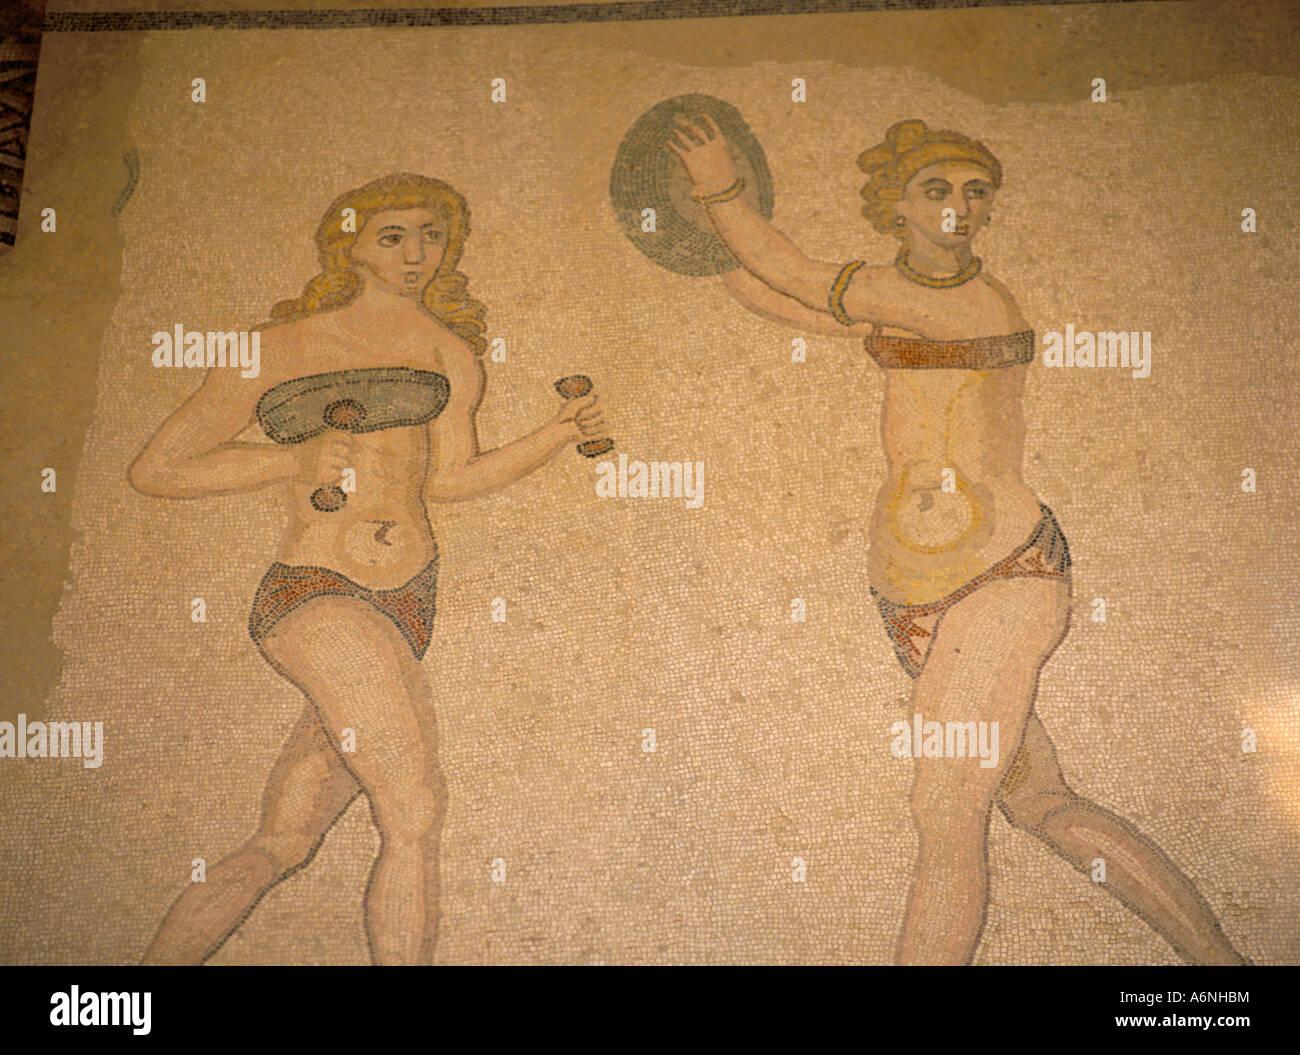 Chicas Bikini Iv D Haciendo Gimnasia La cMosaico Siglo En Villa vwN80mnOy